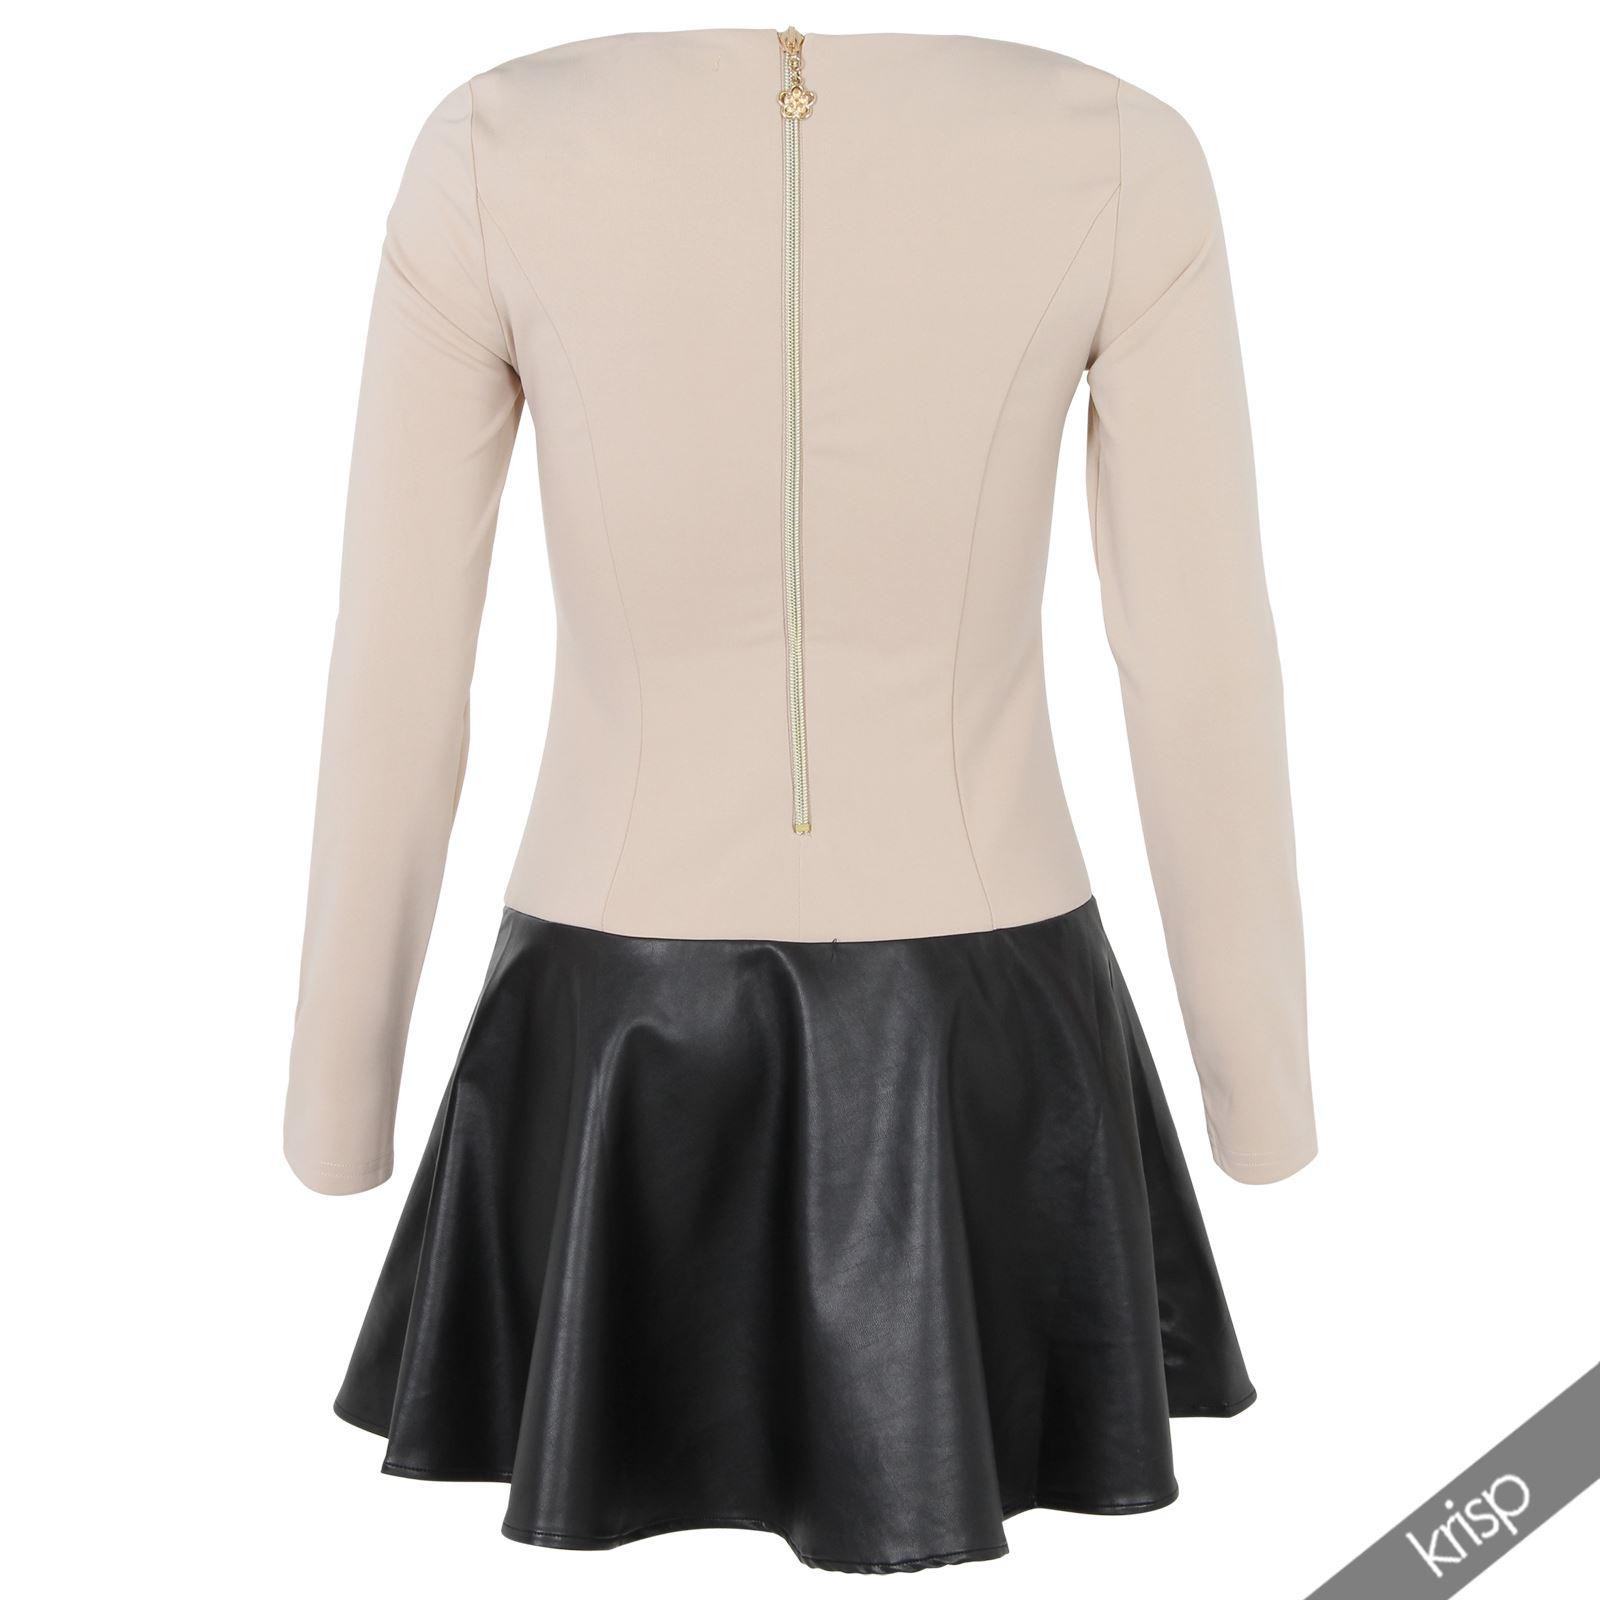 krisp damen kurzes kleid langarm leder stoff skater kleid. Black Bedroom Furniture Sets. Home Design Ideas